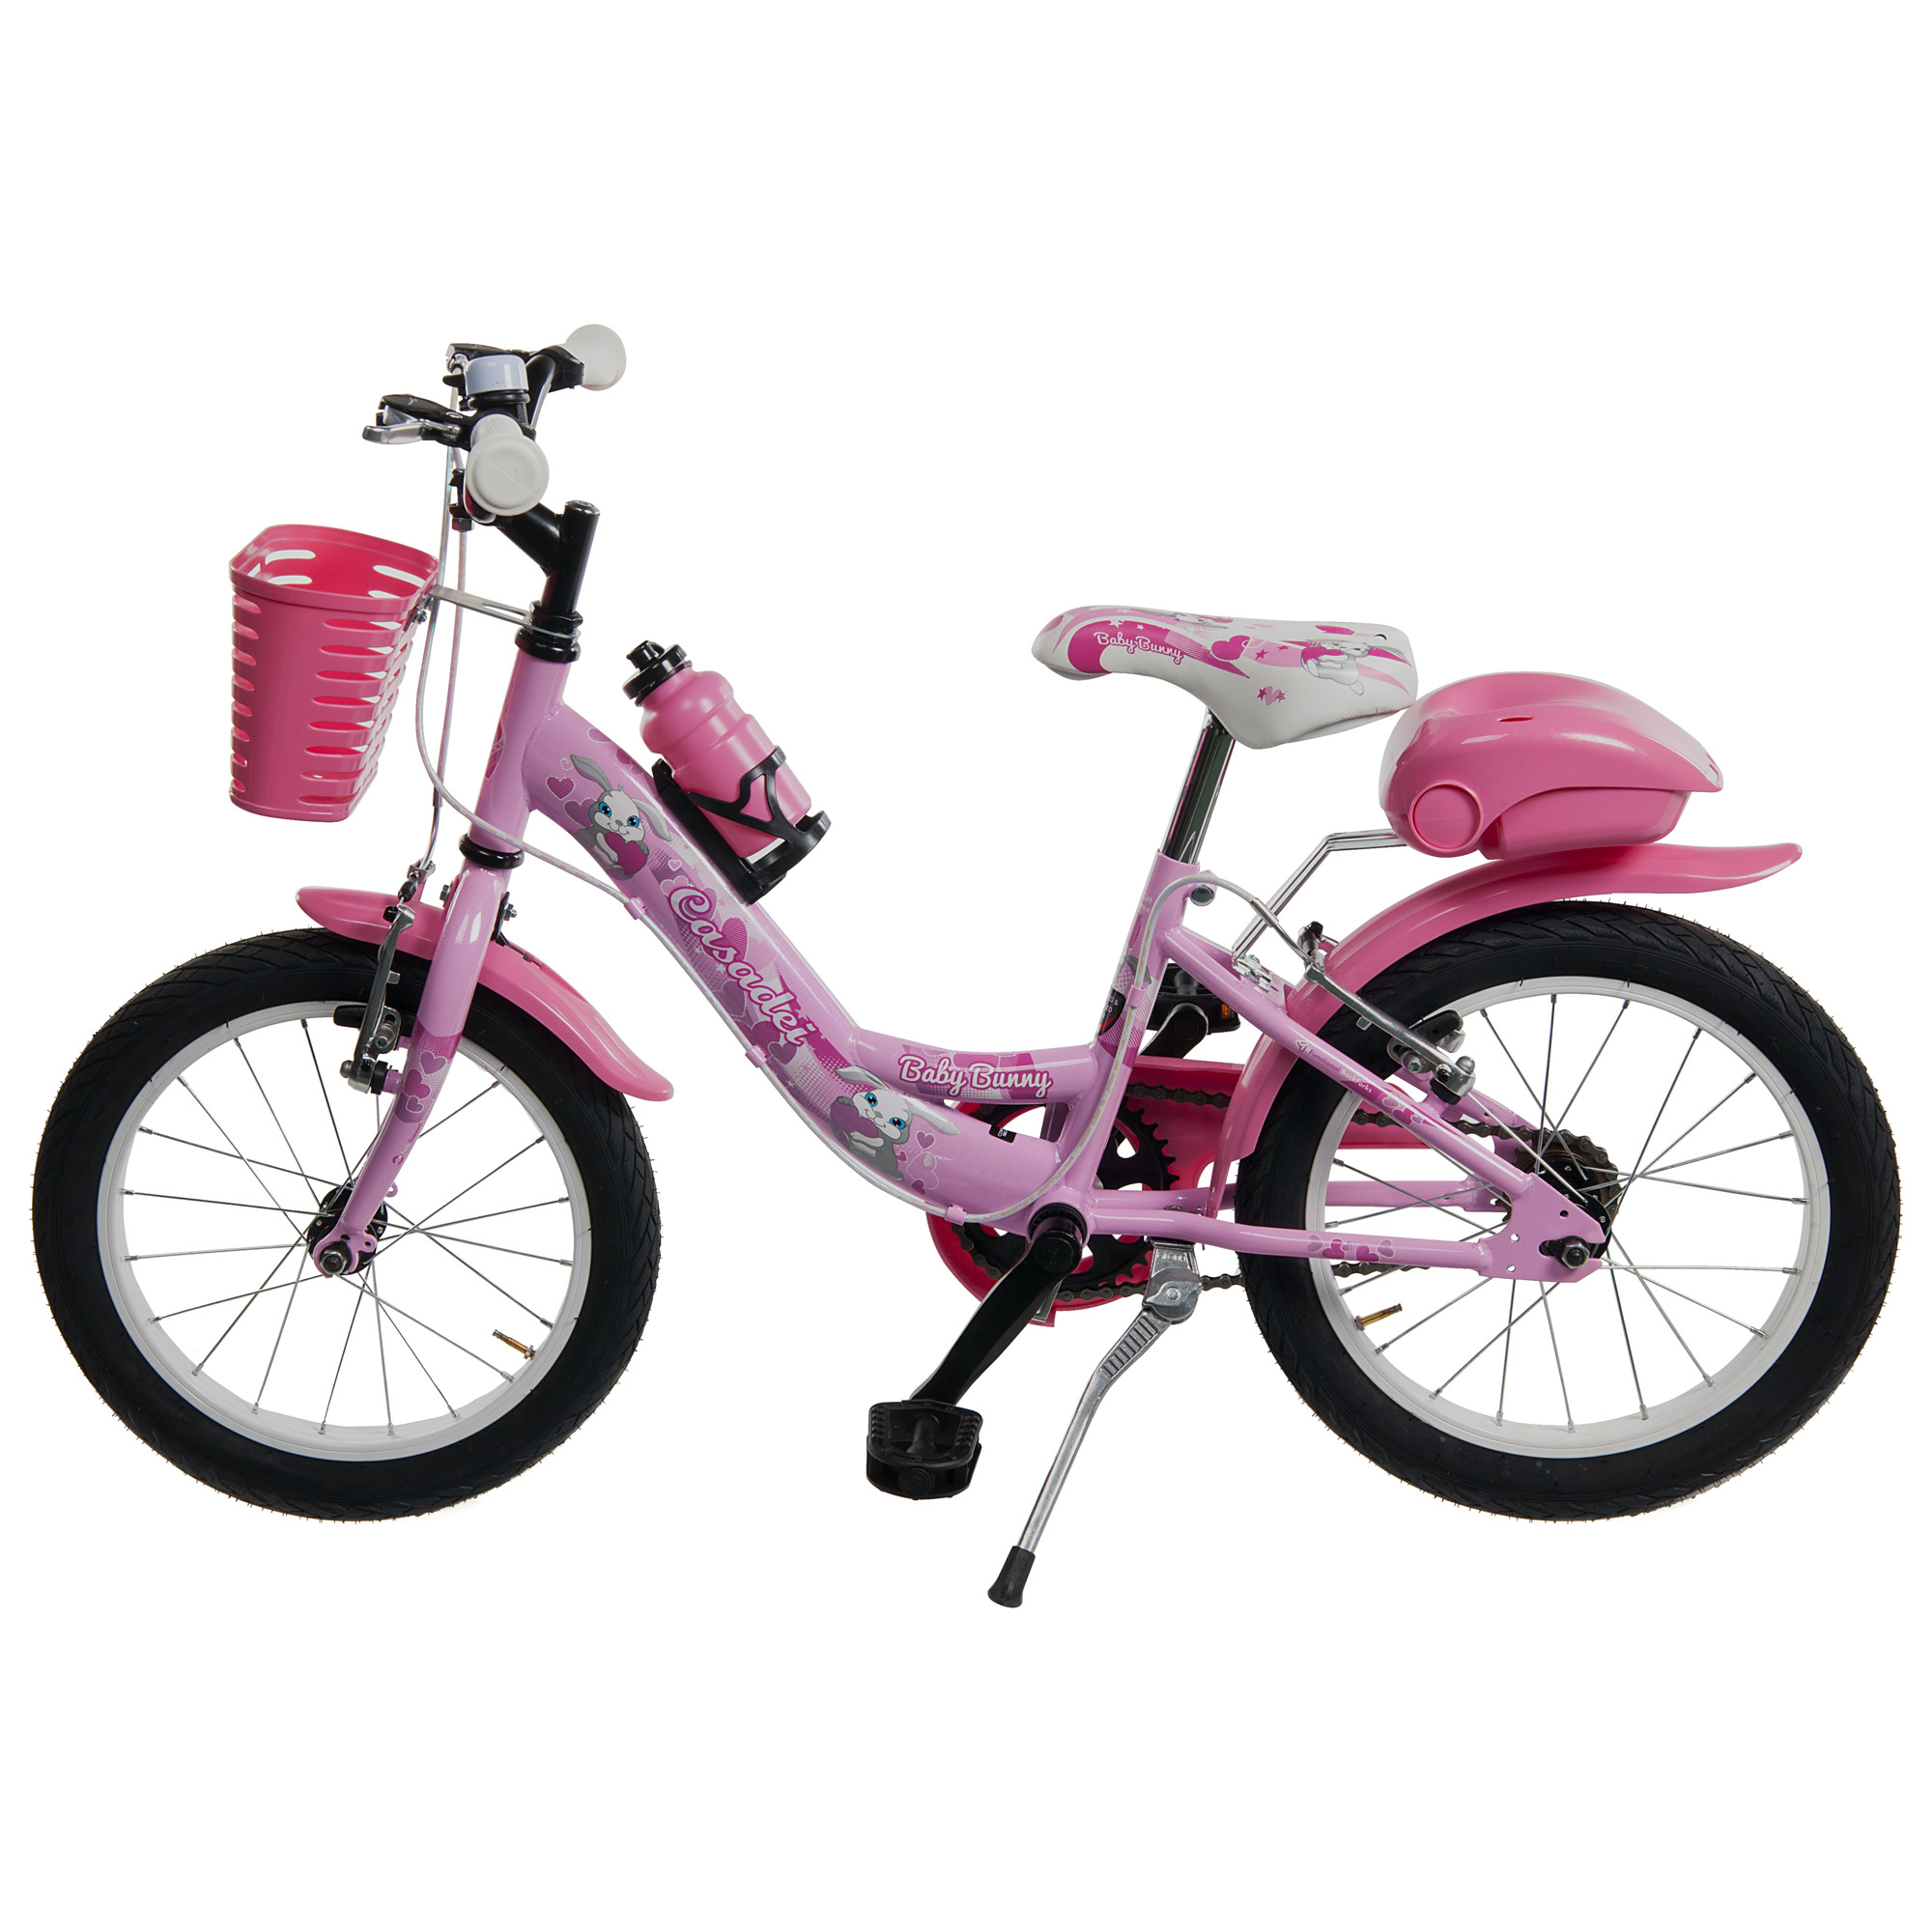 Купить Велосипед детский Casadei venere 16 фиолетовый, Италия